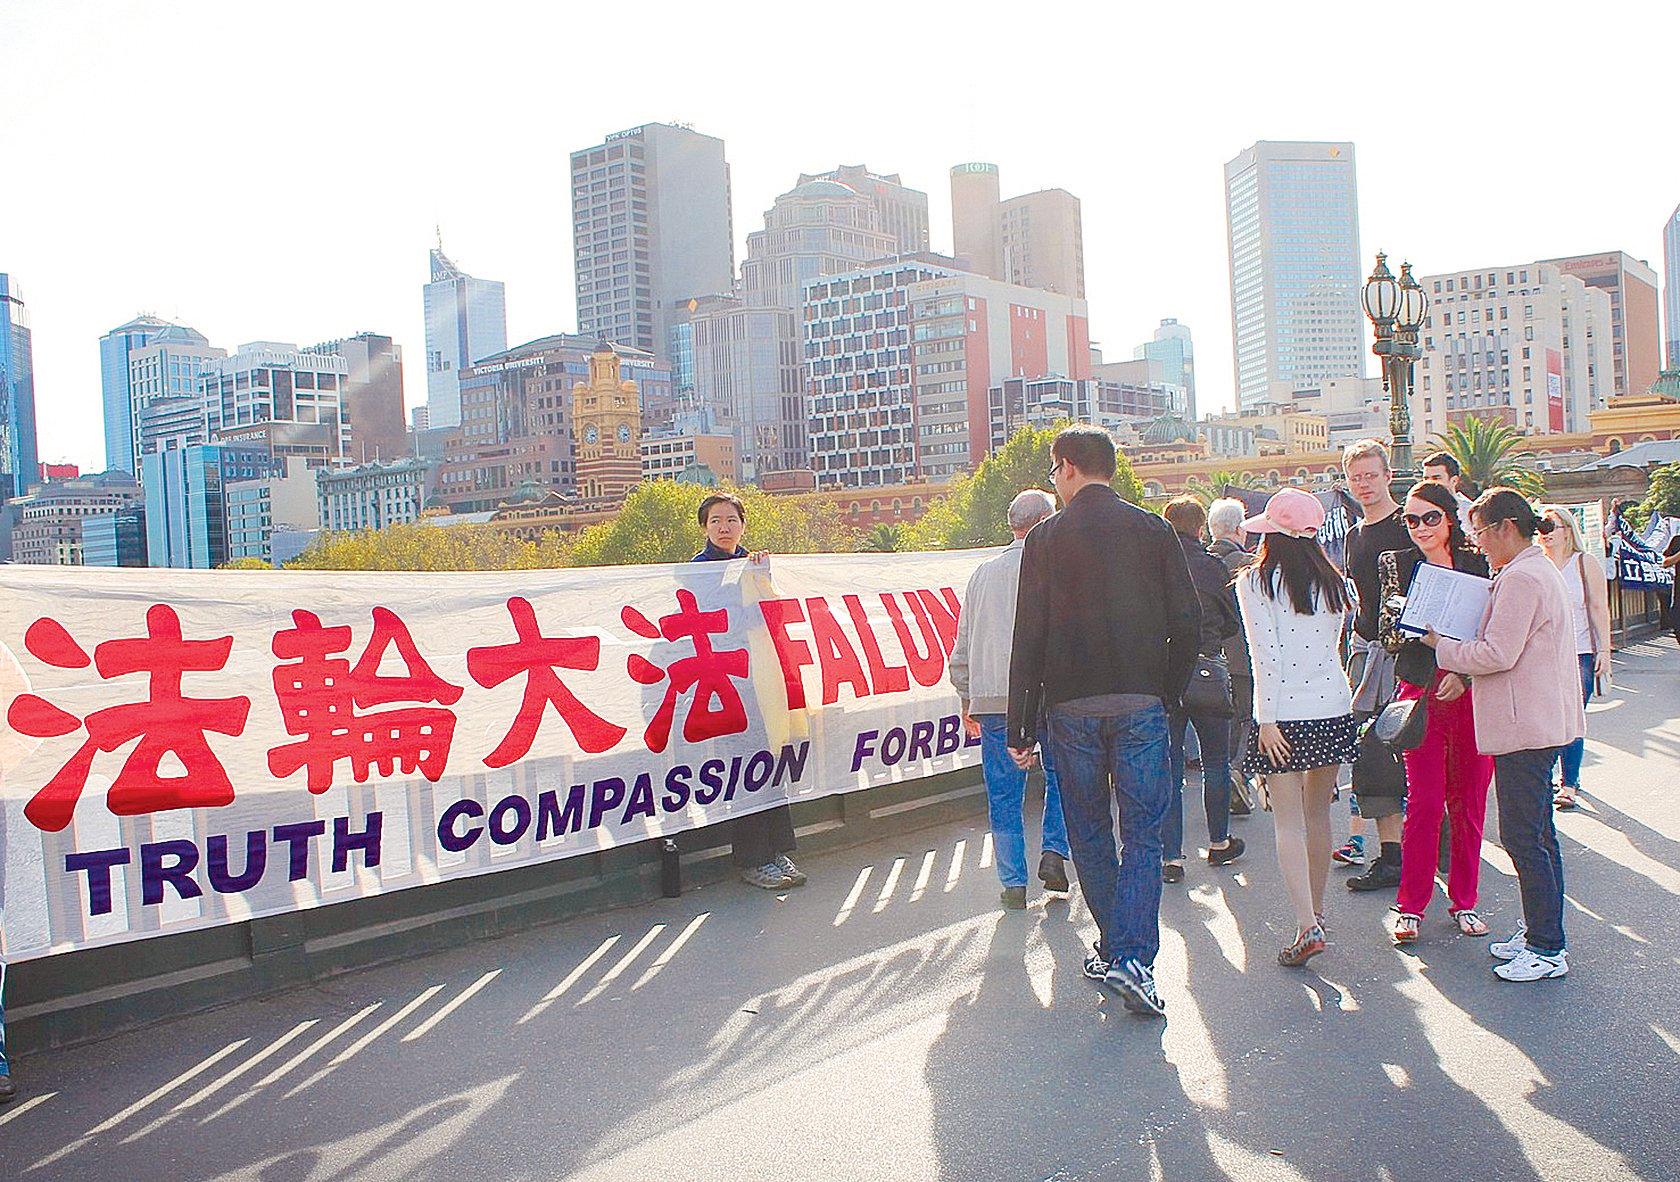 2014年4月25日,法輪功學員在澳大利亞墨爾本市中心著名景點及交通要道——王子橋,以真相橫幅構成勇氣長城,紀念北京「四‧二五」萬人和平上訪。(明慧網)